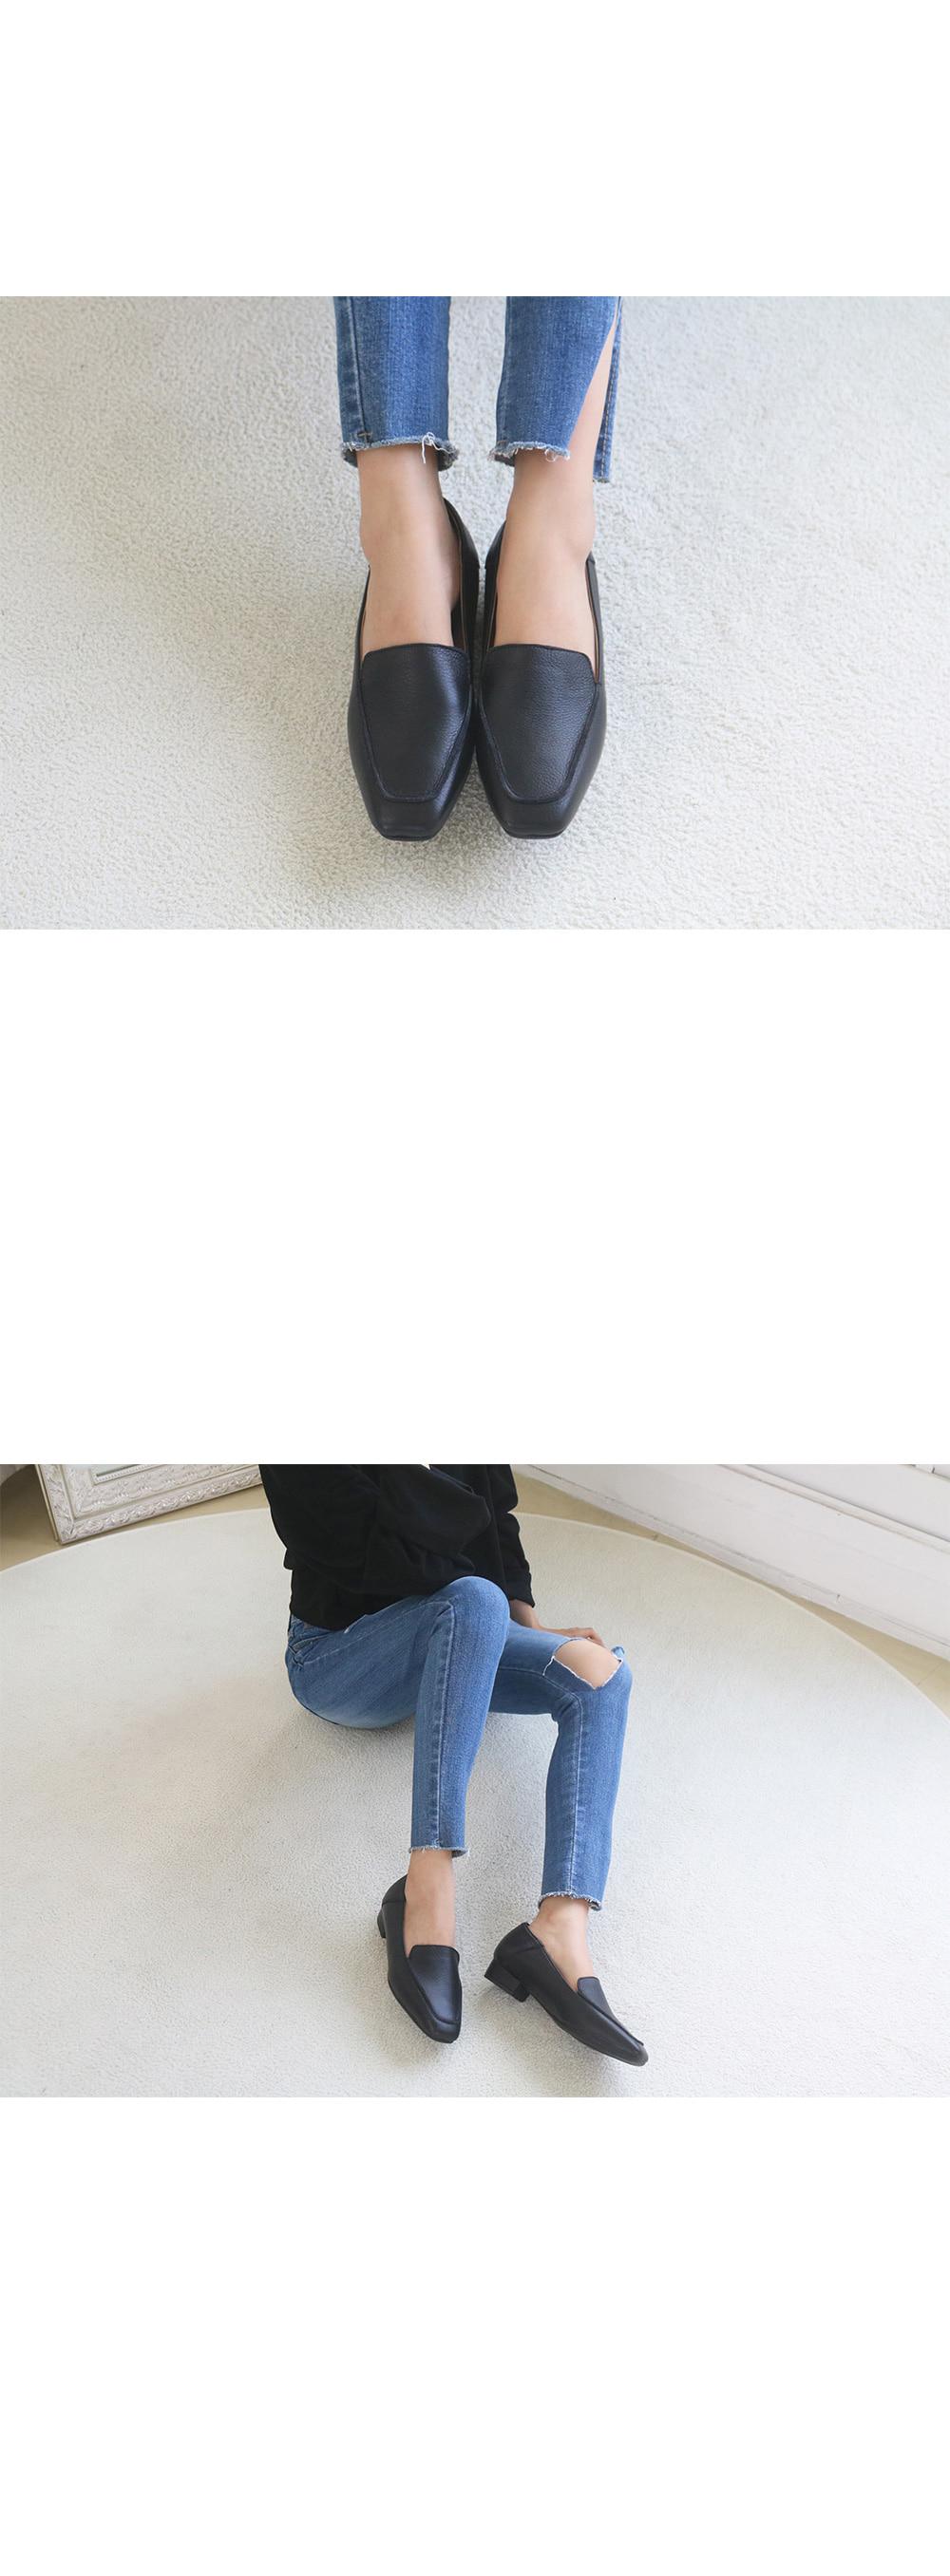 더보이더걸WS-6649 소가죽 여자 로퍼 단화 가을 - 더보이더걸, 70,800원, 로퍼/옥스포드, 로퍼